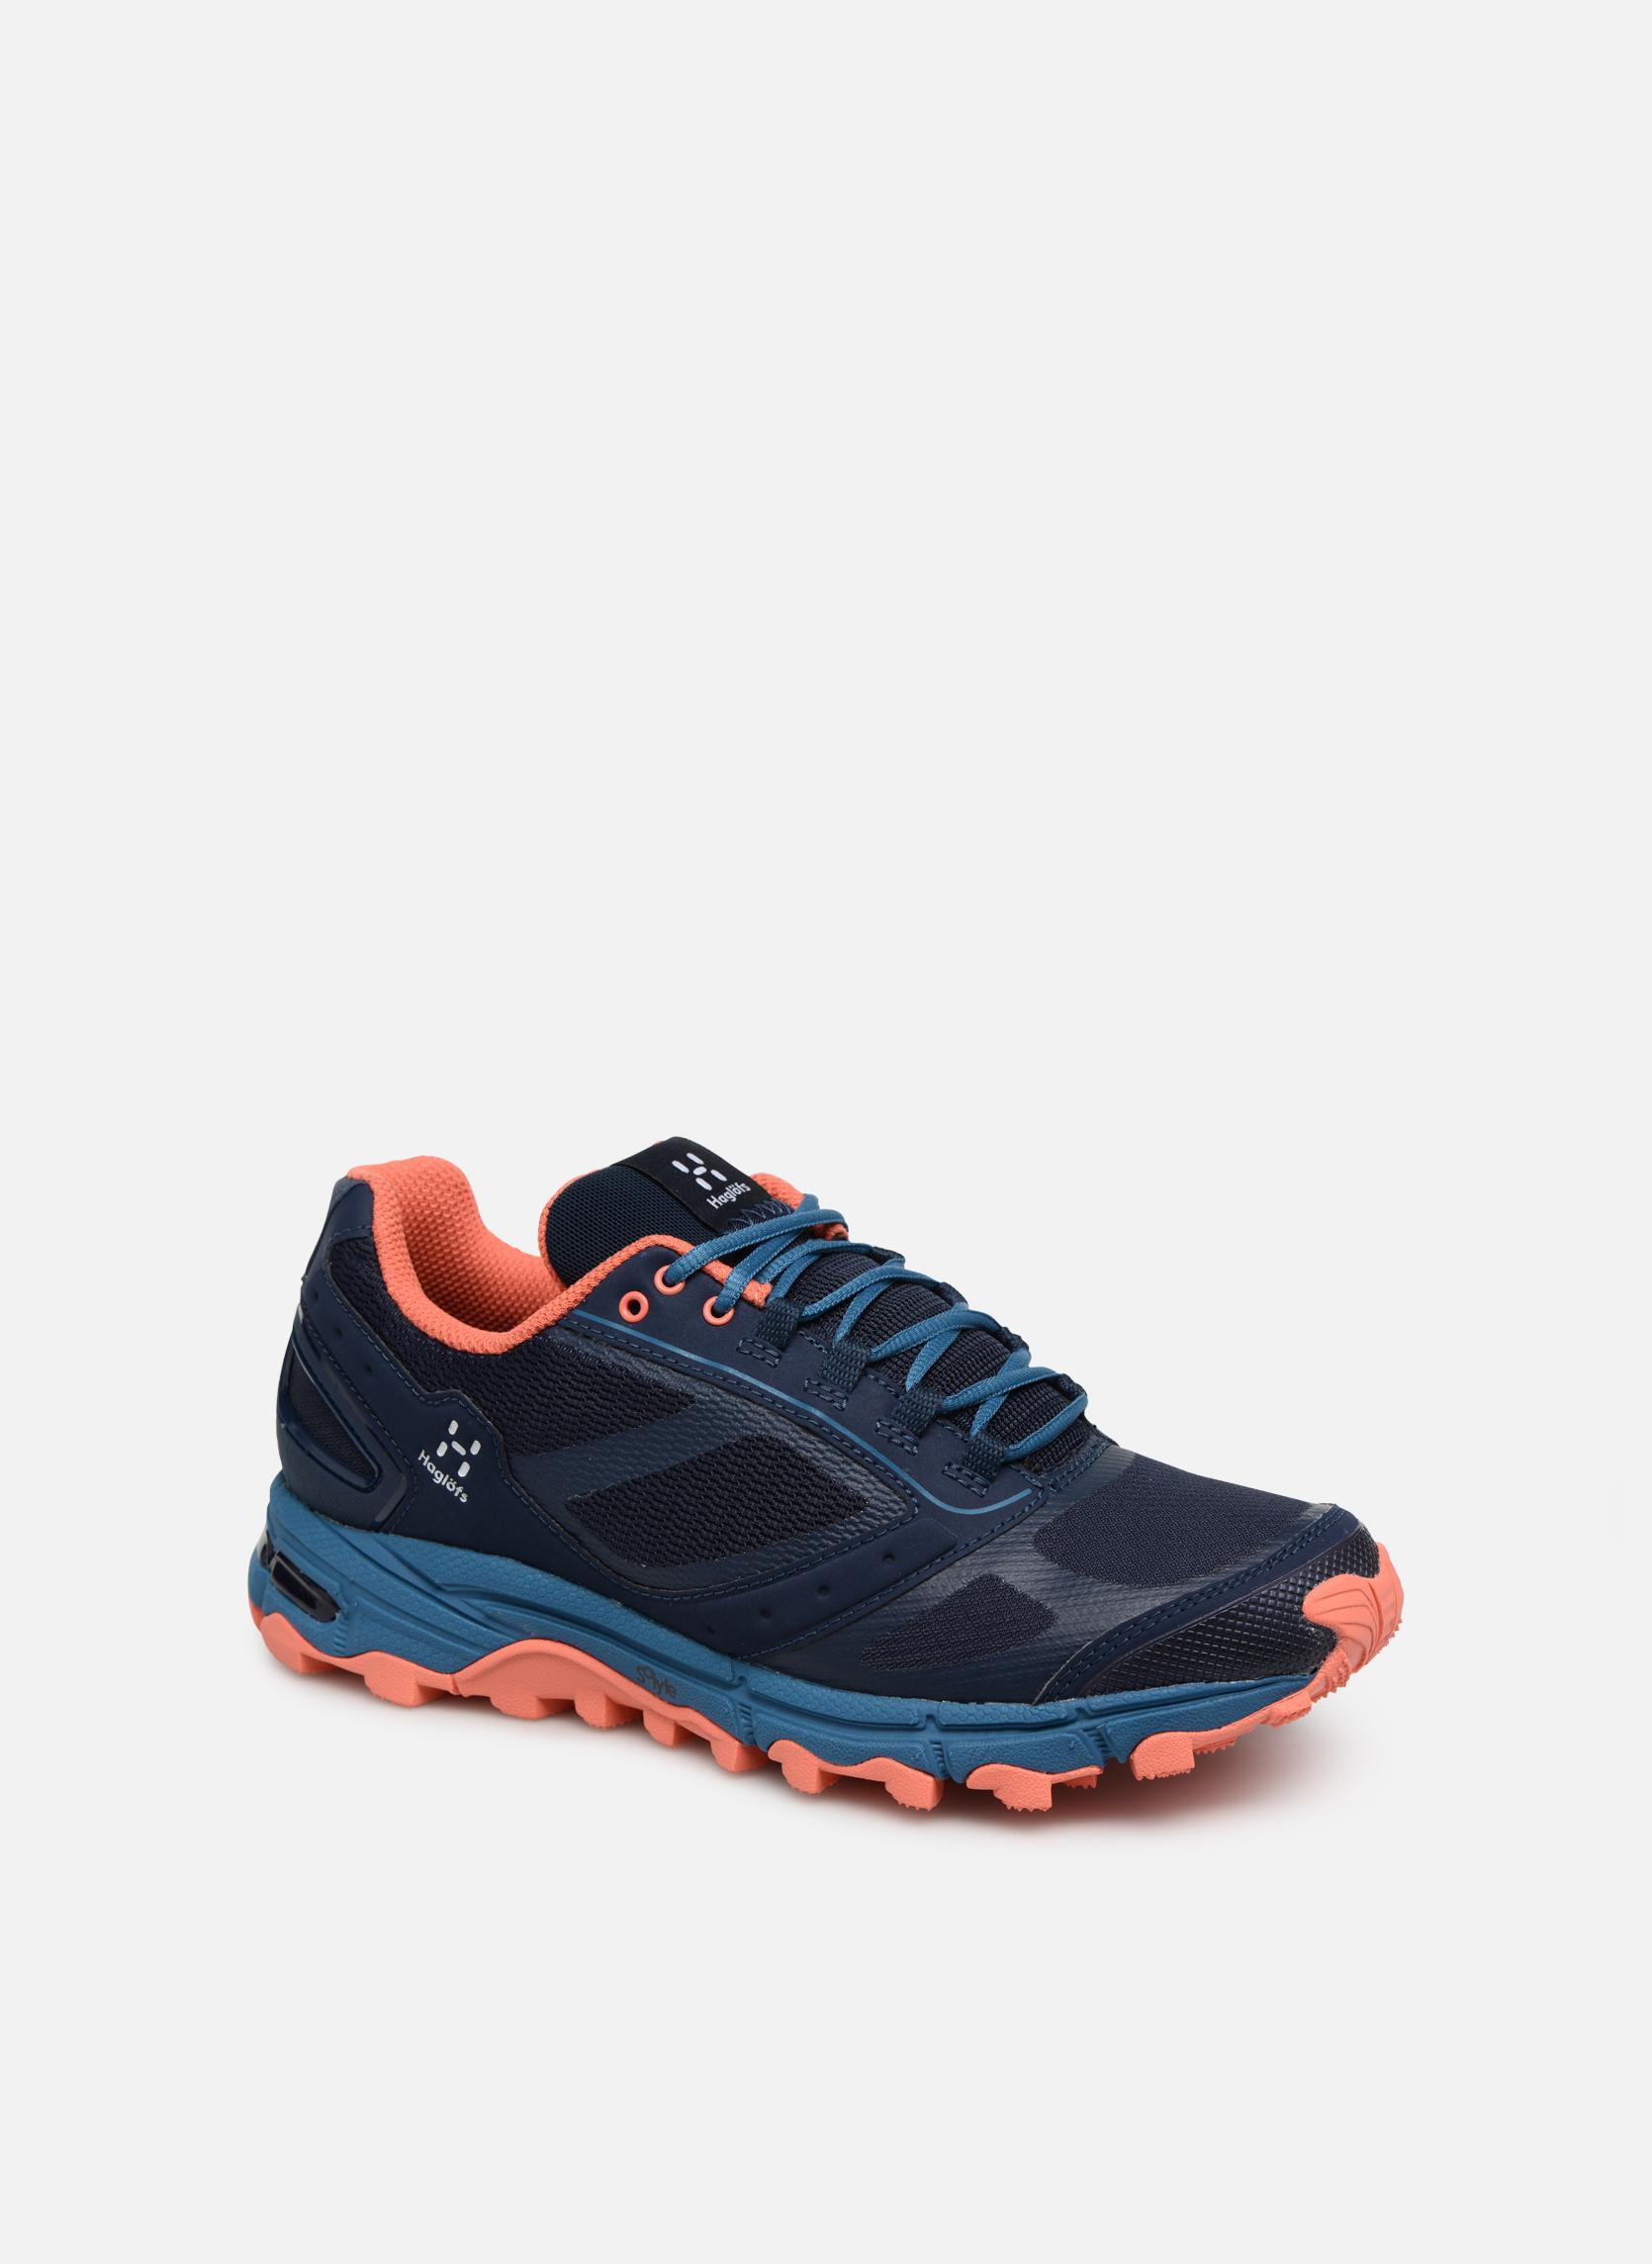 Chaussures de sport Femme Haglöfs Gram Gravel Women